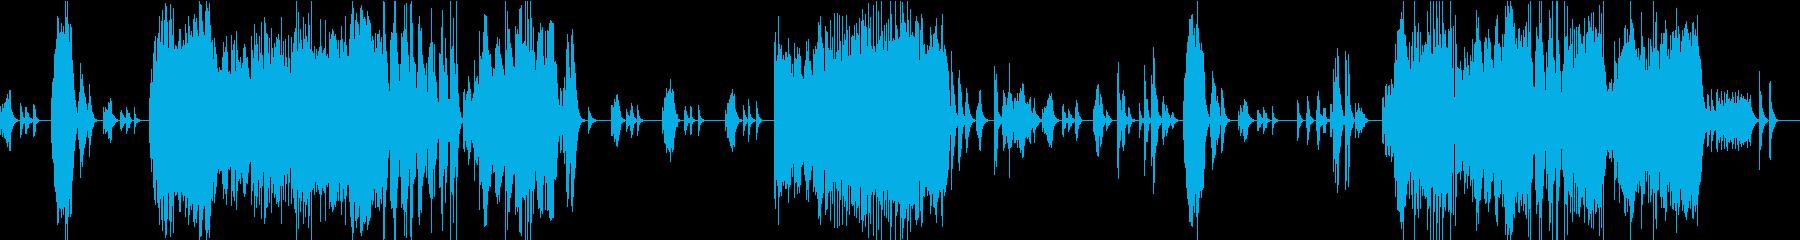 テンペスト第1/ベートーベン・マリンバの再生済みの波形